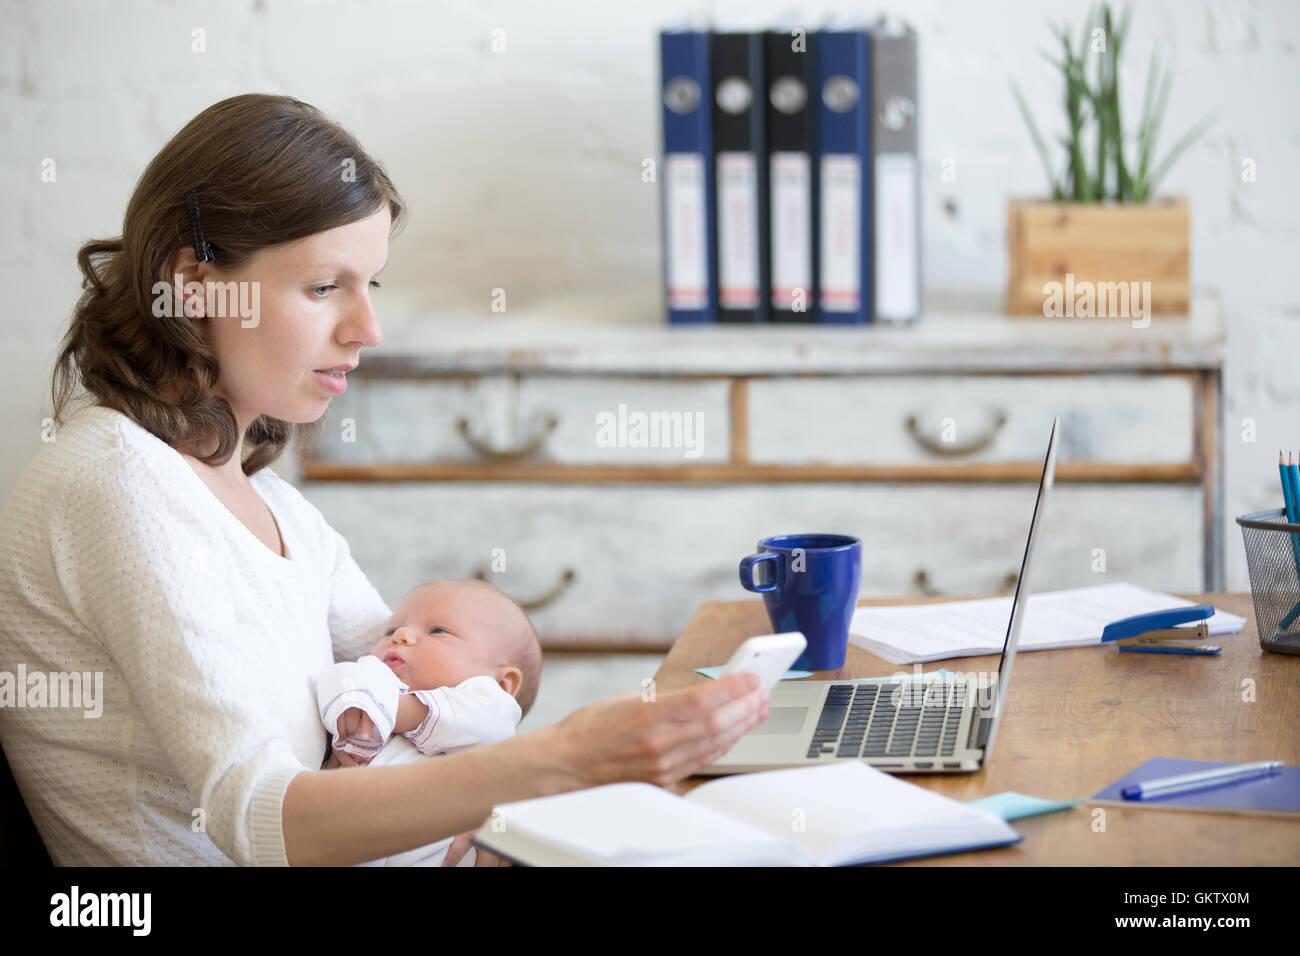 Retrato de empresa joven mamá sosteniendo su recién nacido cute babe mientras trabaja en la oficina principal Imagen De Stock